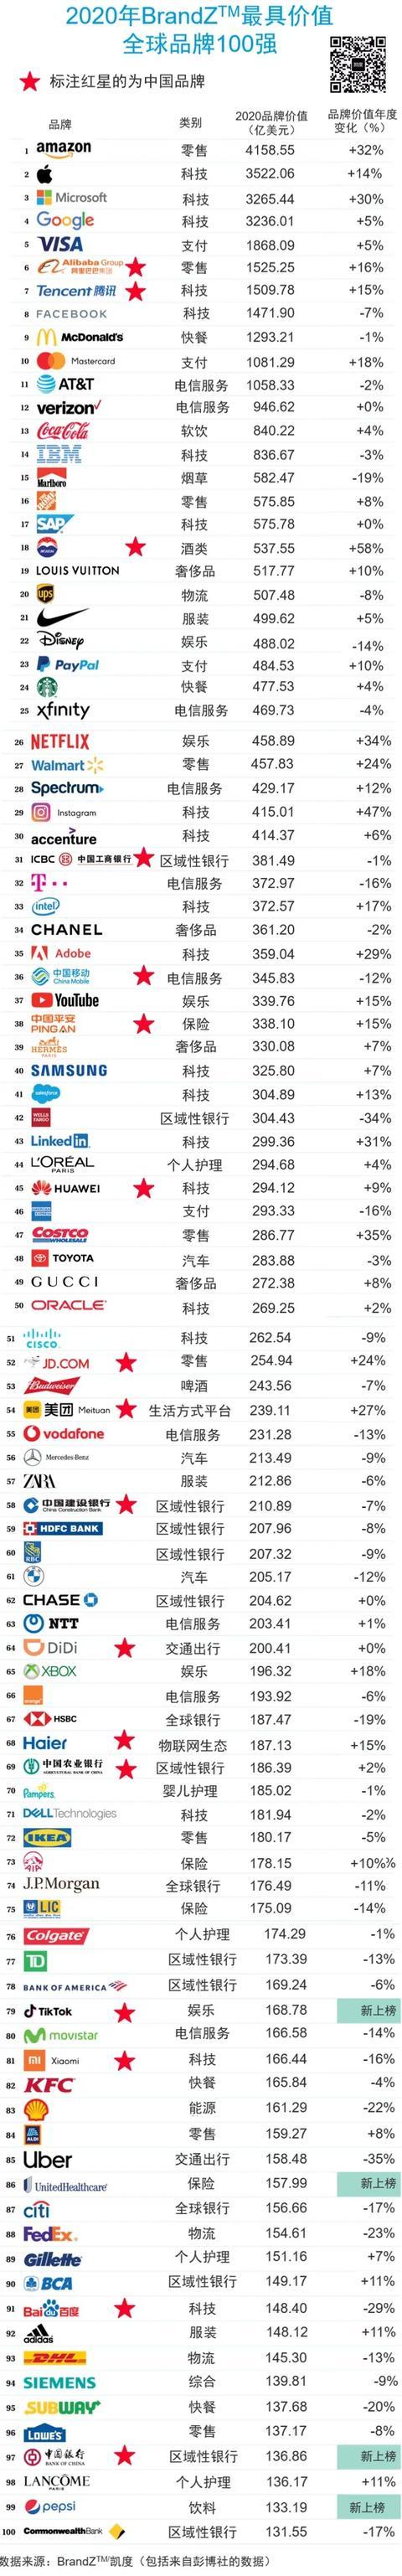 BrandZ全球品牌价值百强榜出炉,茅台、美团和抖音令人惊喜?